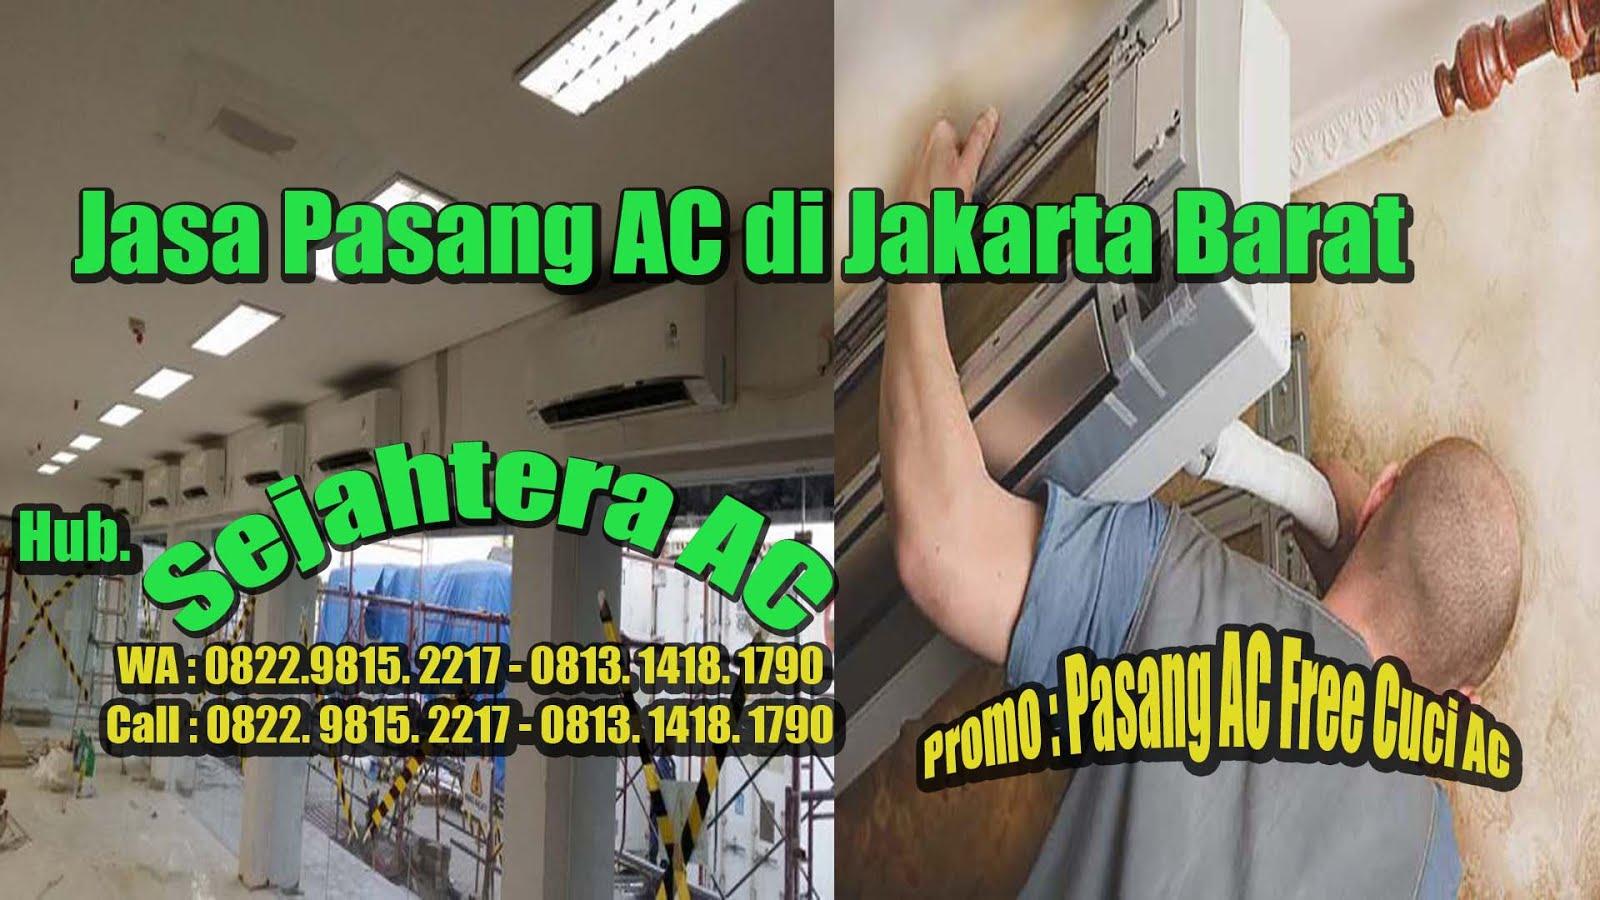 Jasa Pasang AC Di Jakarta Barat